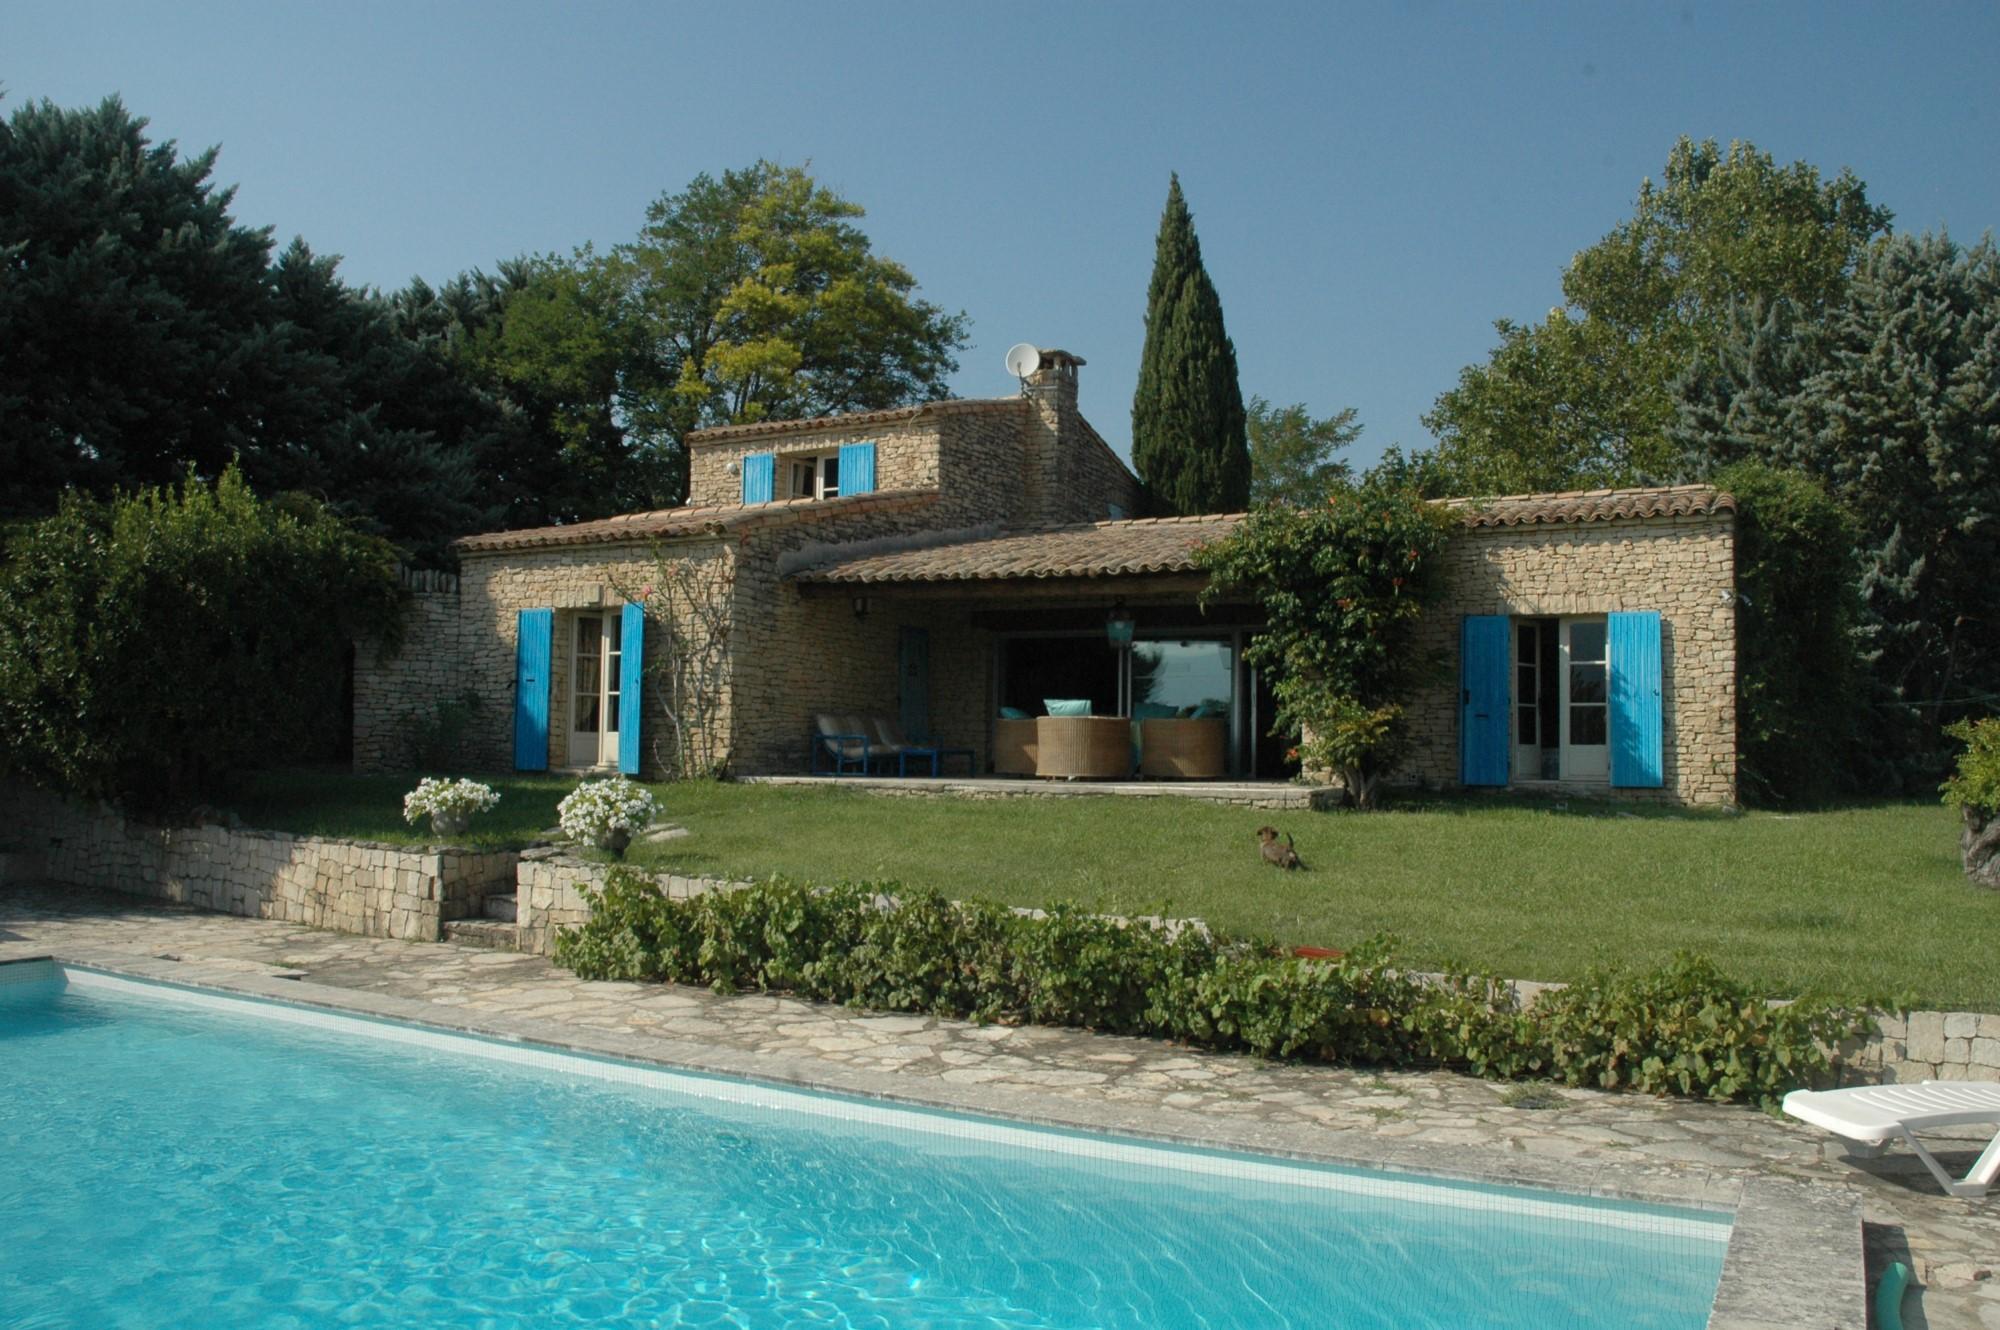 Ventes villa en pierres dans le luberon avec jardin piscine et vues vendre agence rosier - Jardin avec piscine ...